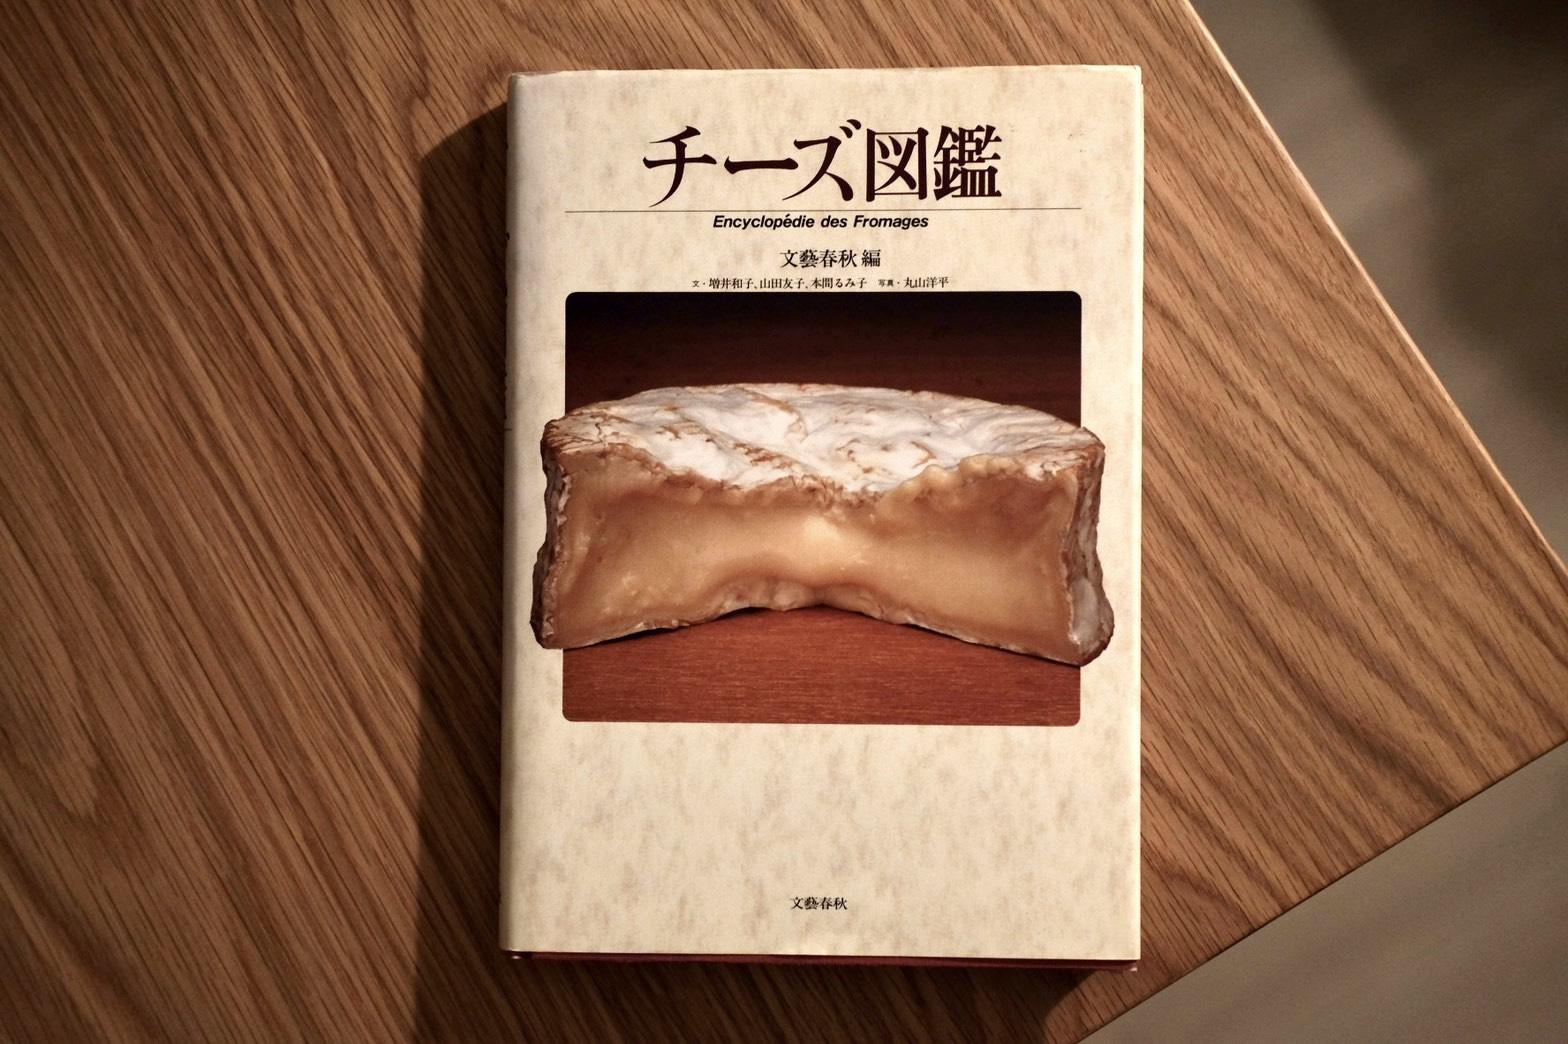 【連載】本と生活と。vol.11『チーズ図鑑』